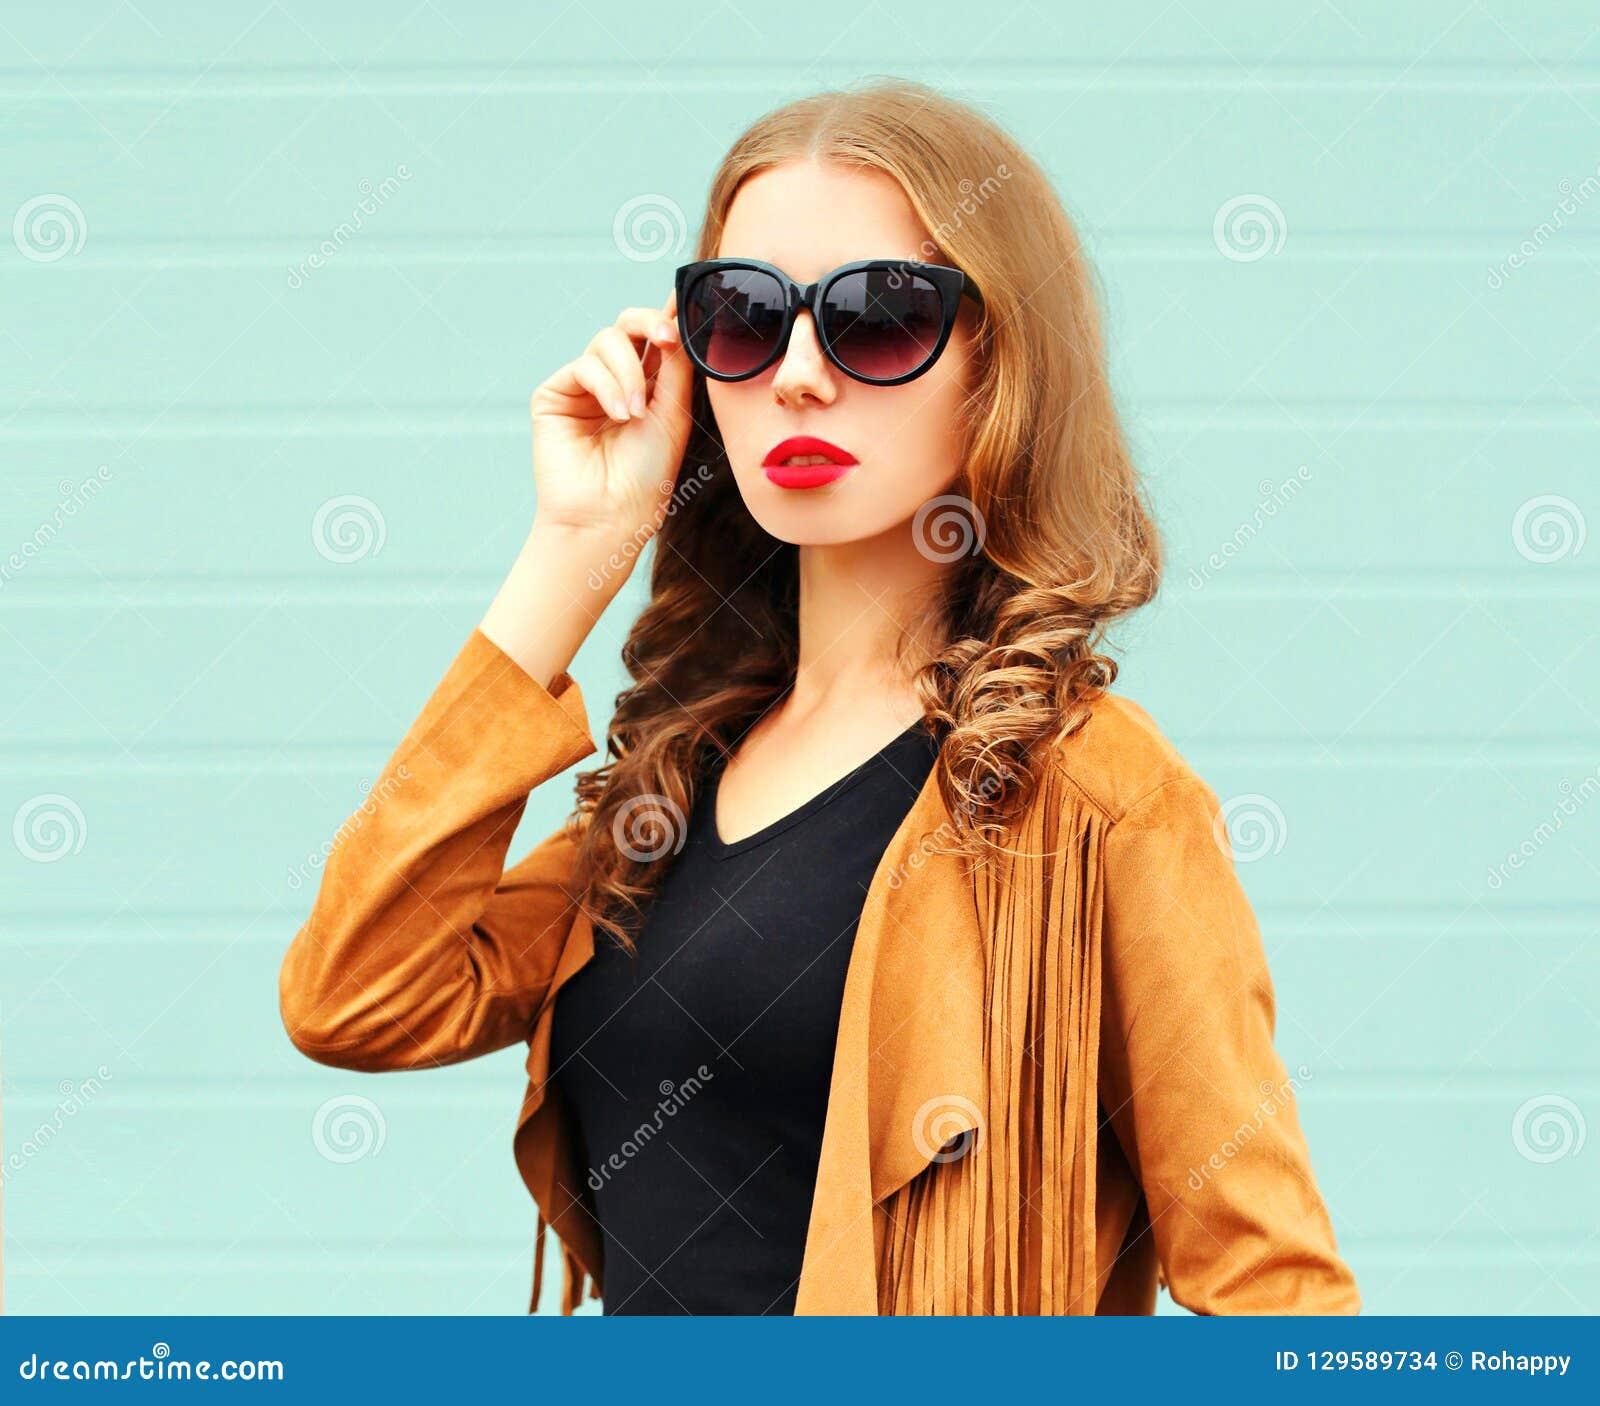 Joven Sol De Gafas Del Mujer En La Moda Retrato Que Presenta gbyf6Y7vIm